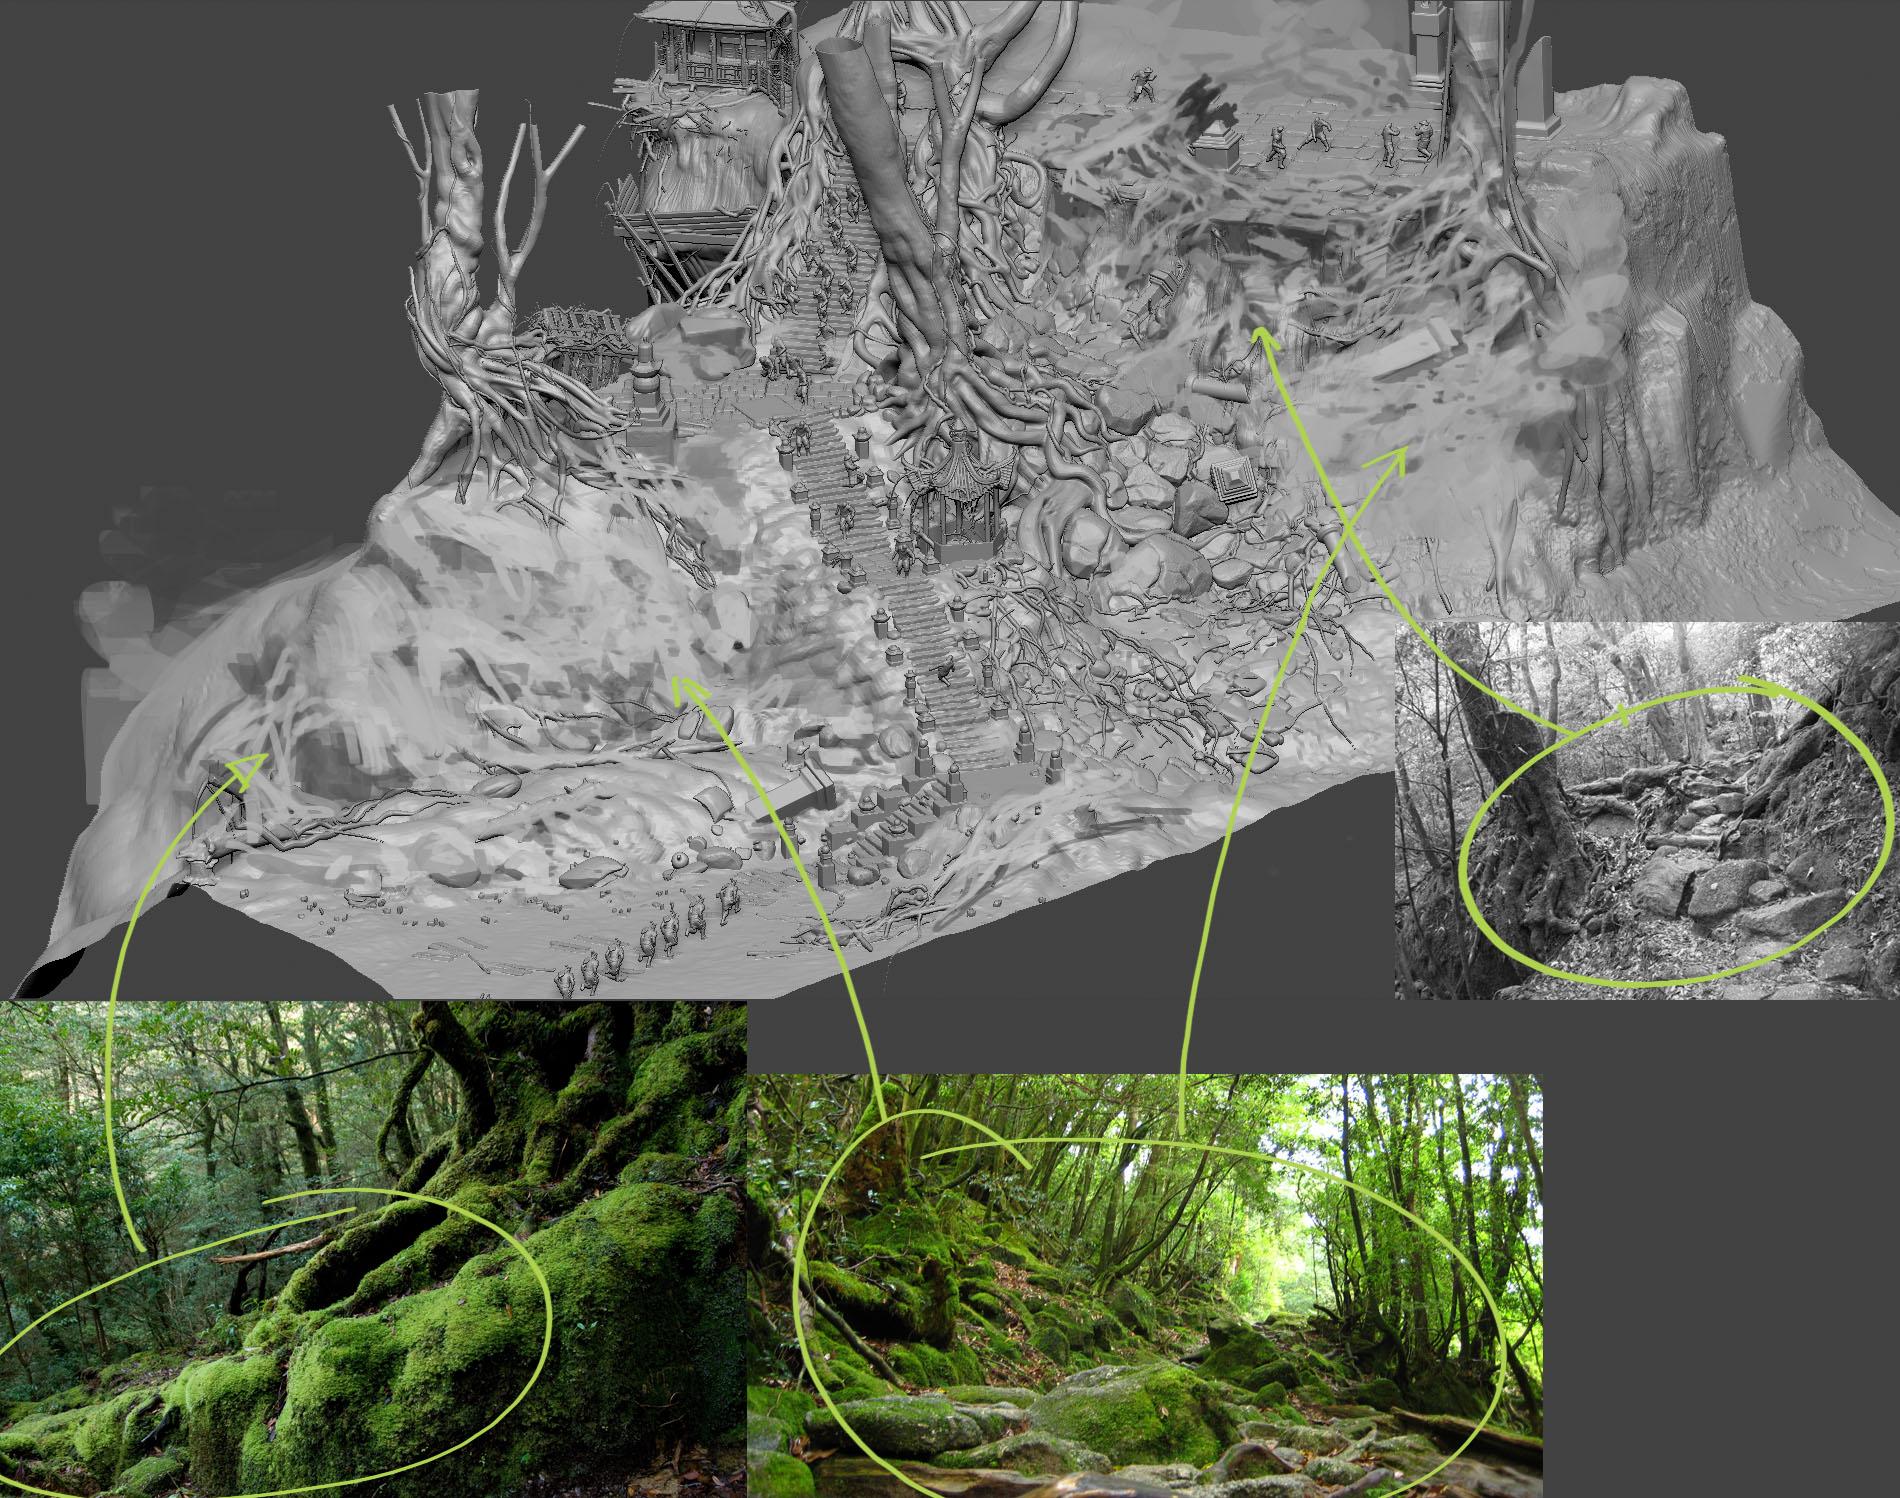 Forrest_guide006.jpg